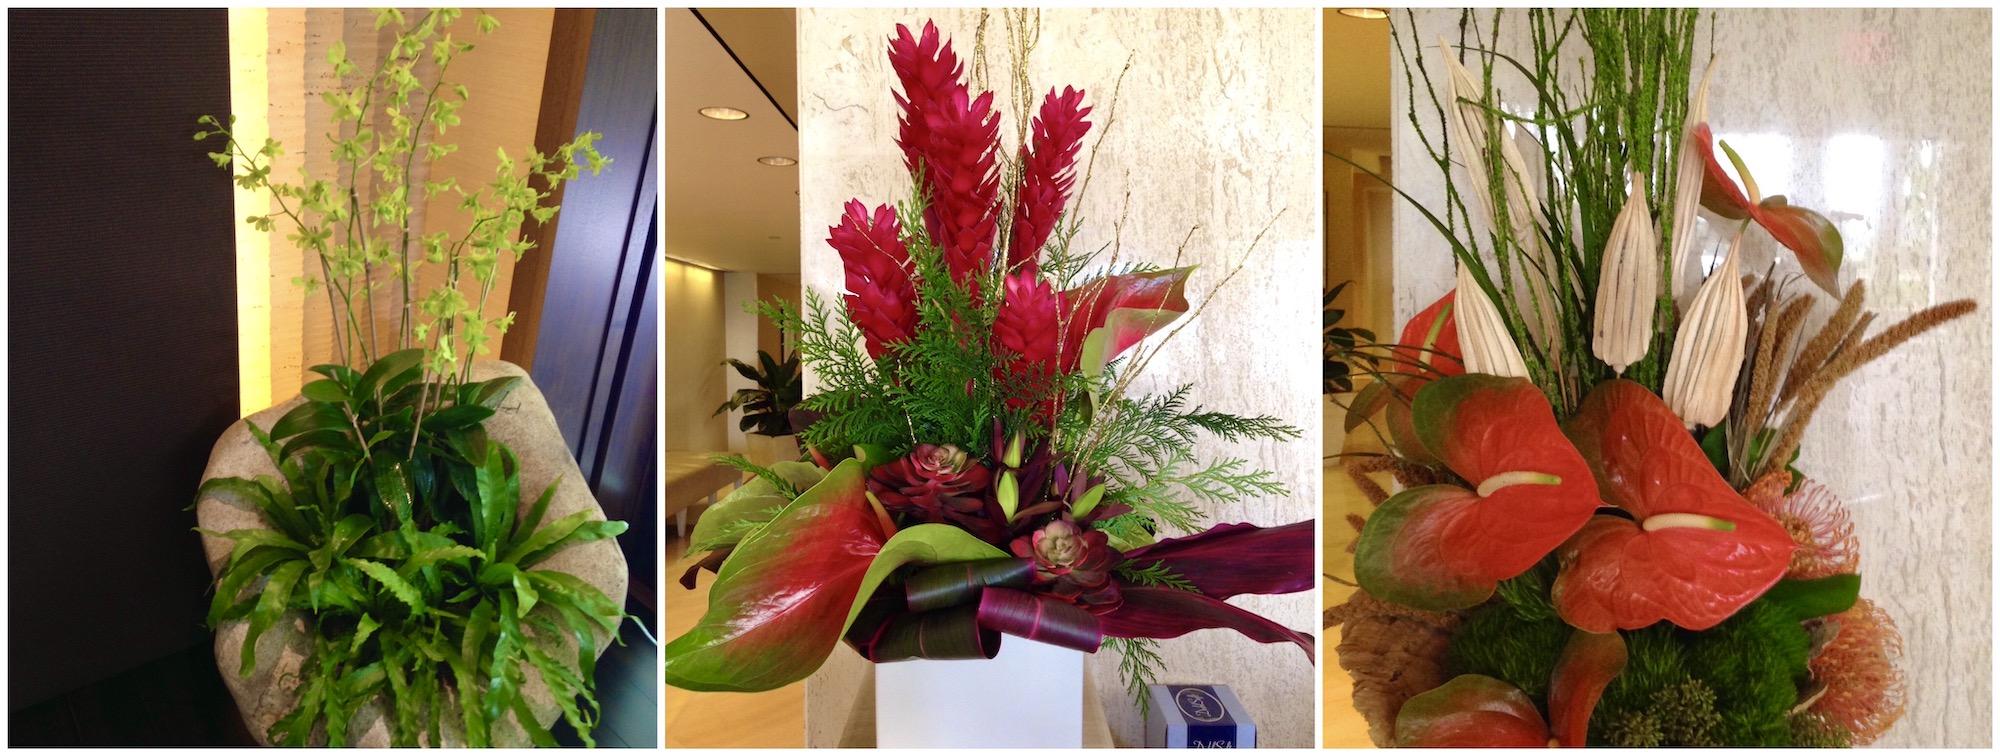 Hotel Floral Arrangements Service - West Palm Beach, FL Velene's Floral